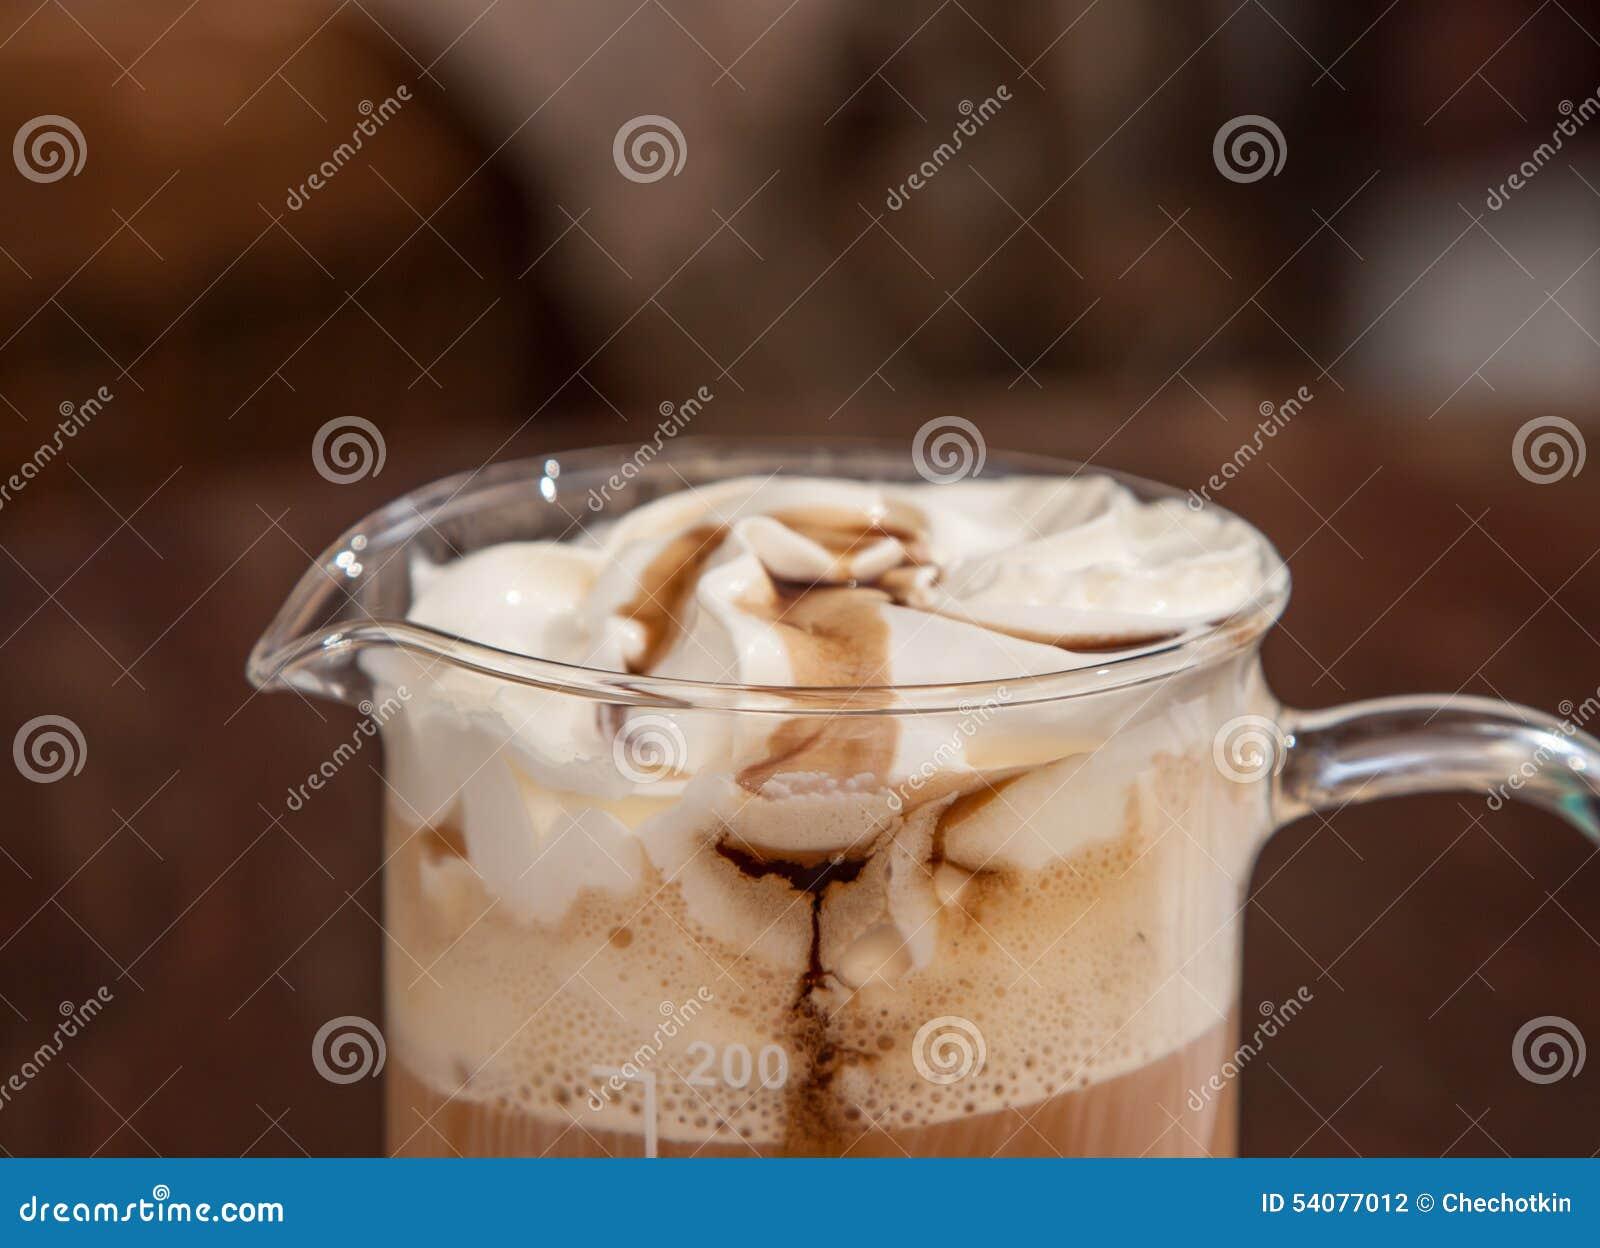 Koffie met Slagroom